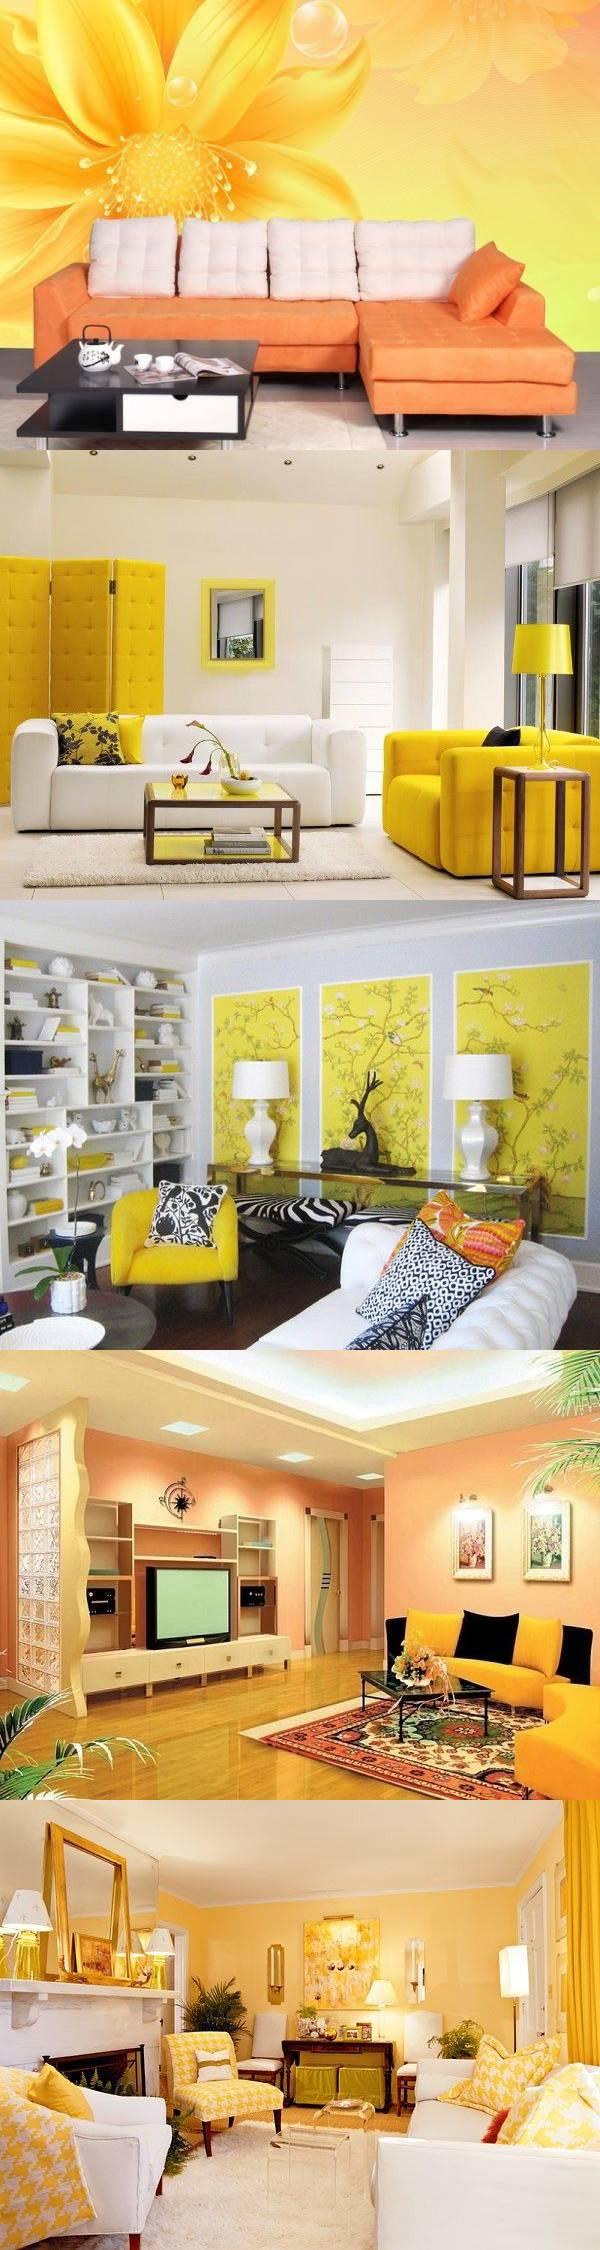 Желтый цвет в интерьере гостиной — 26 идей